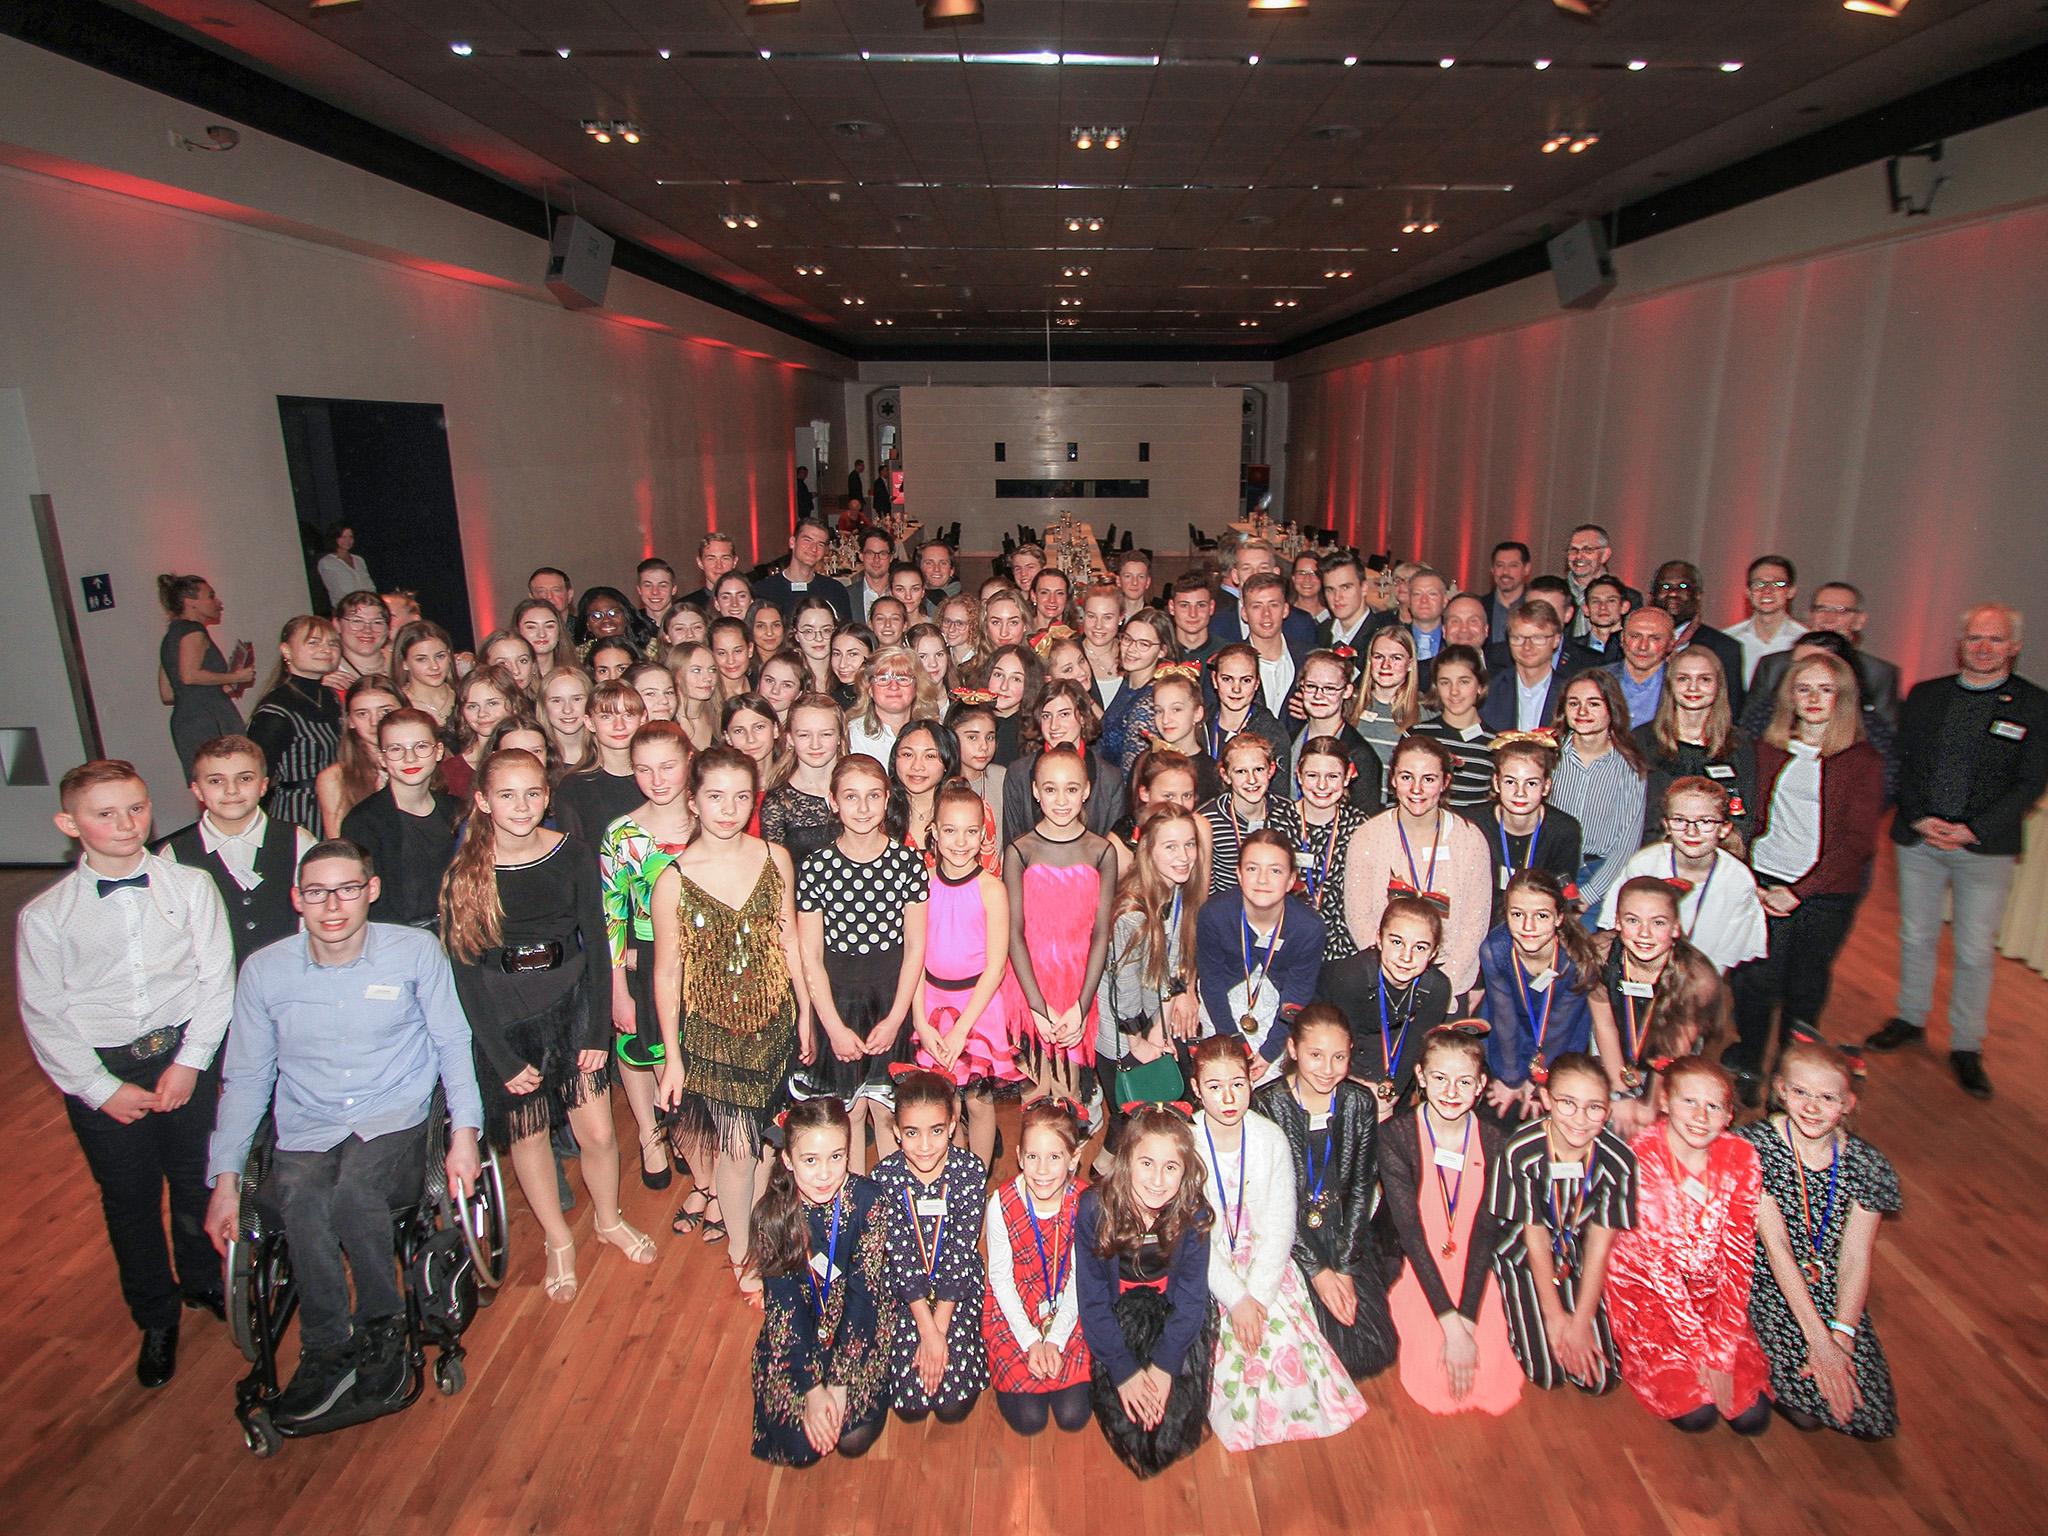 Eine große Gruppe junger Menschen in einem Saal